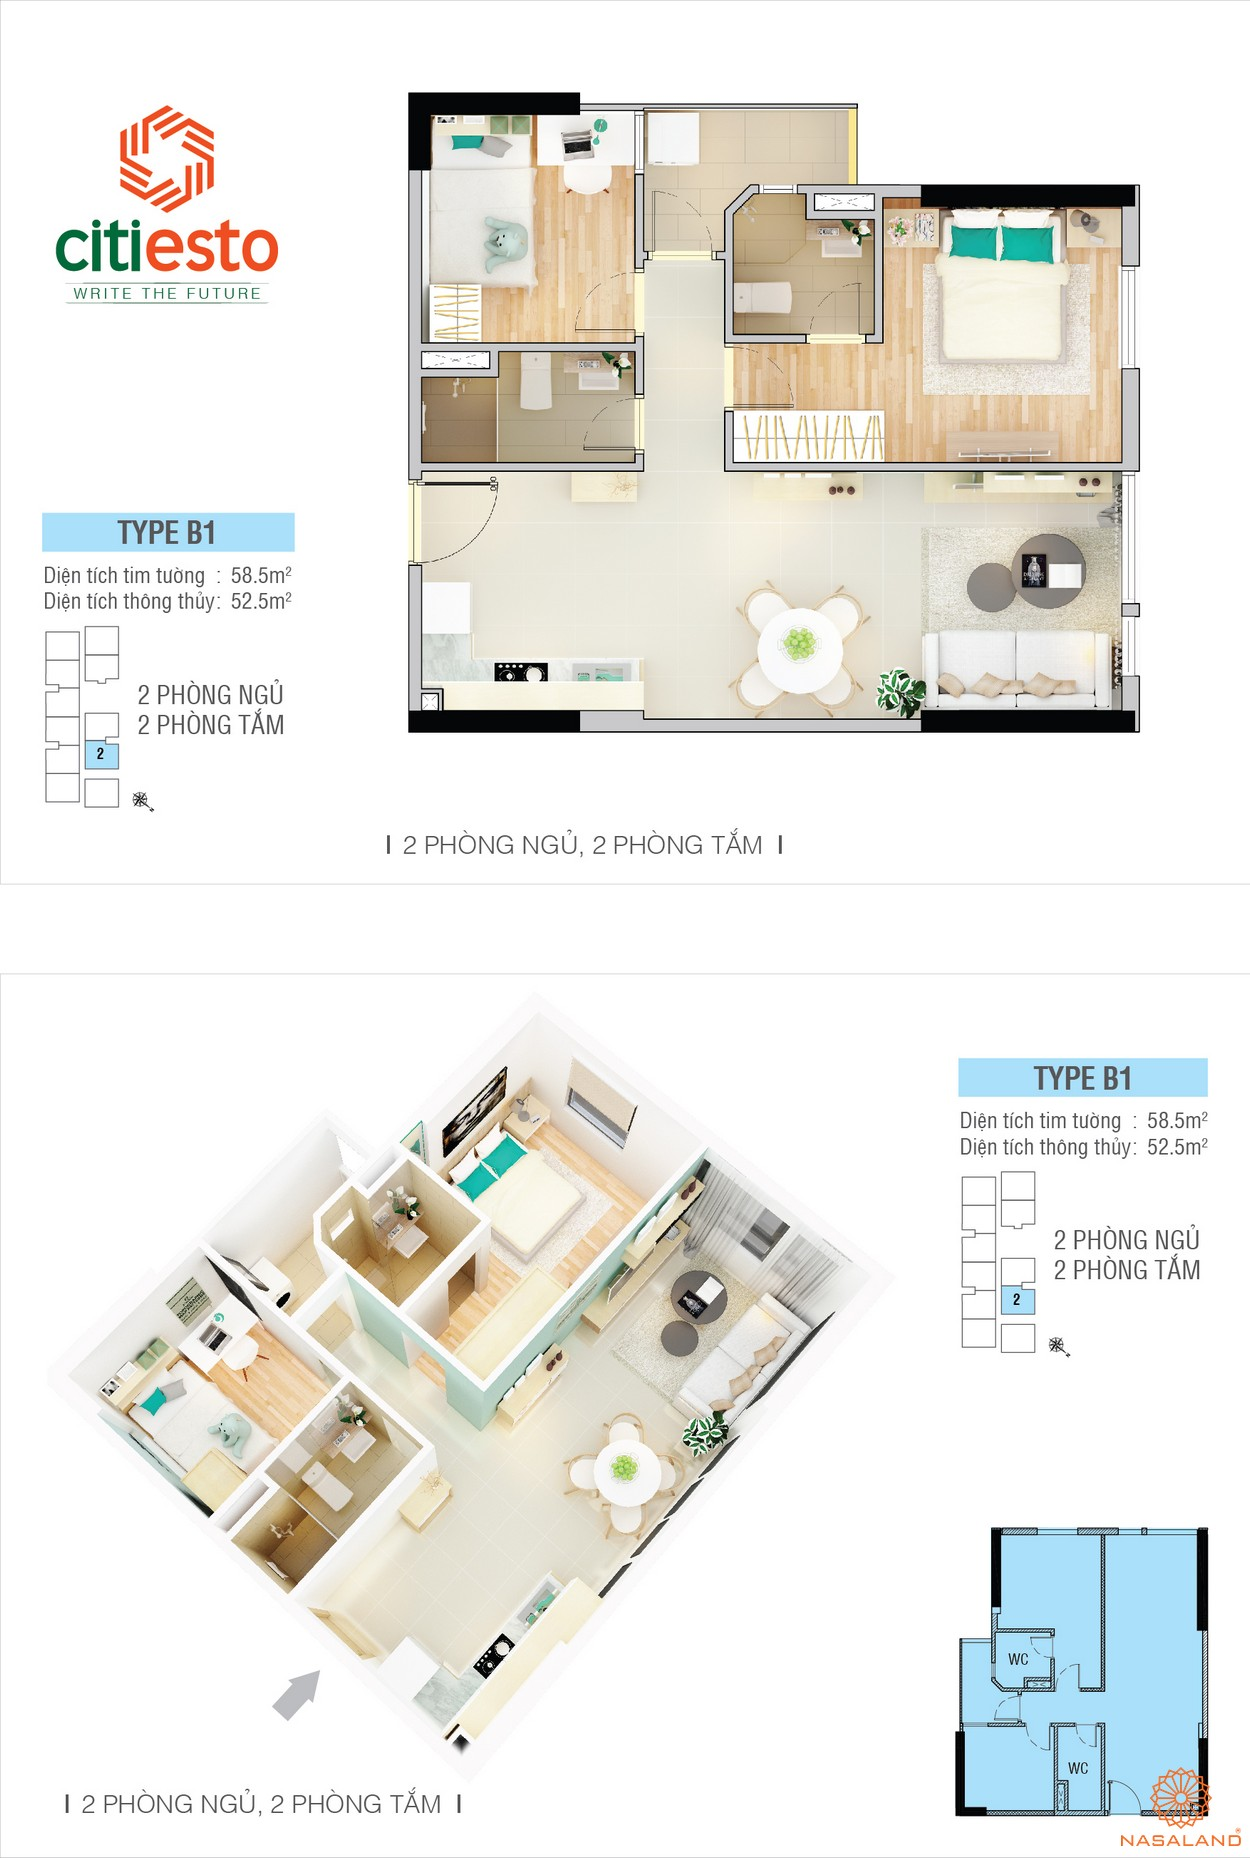 Thiết kế điển hình của căn hộ CitiEsto căn 2PN